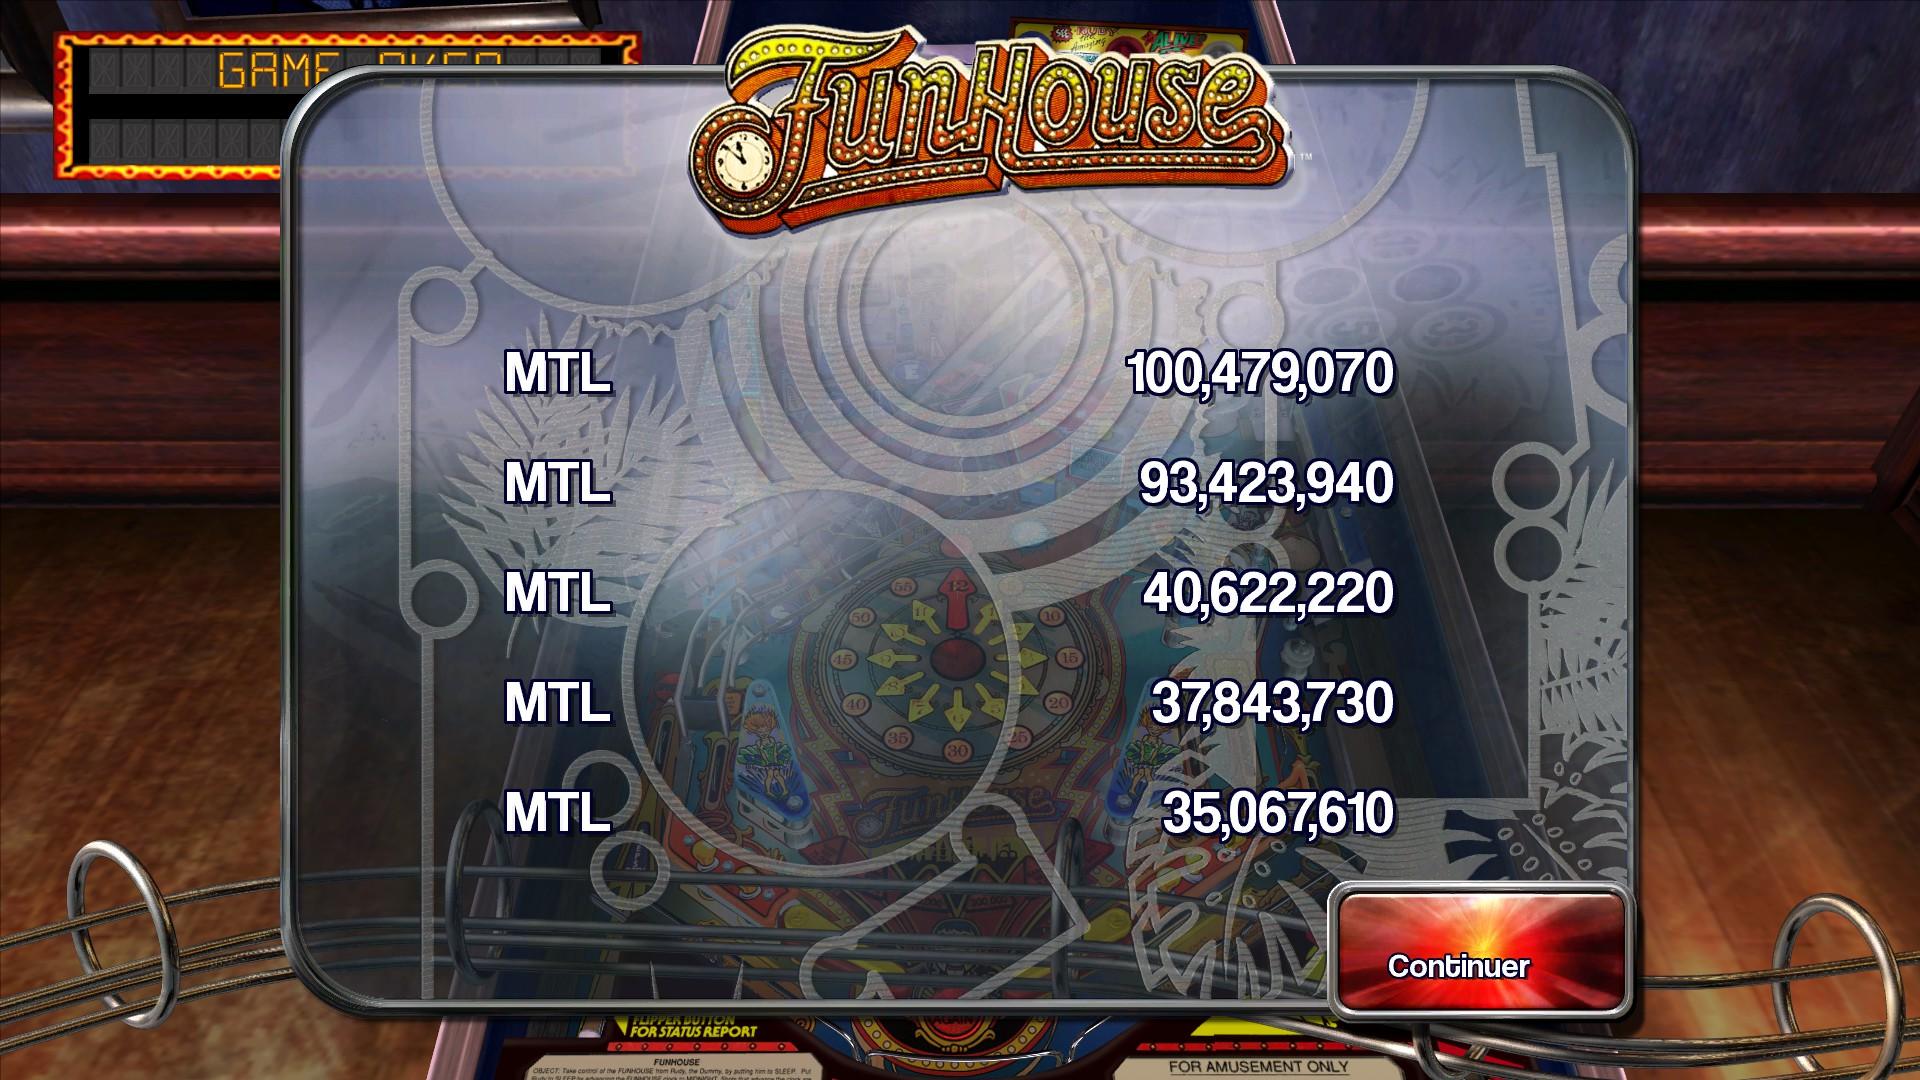 Mantalow: Pinball Arcade: Funhouse (PC) 100,479,070 points on 2015-04-11 15:43:44